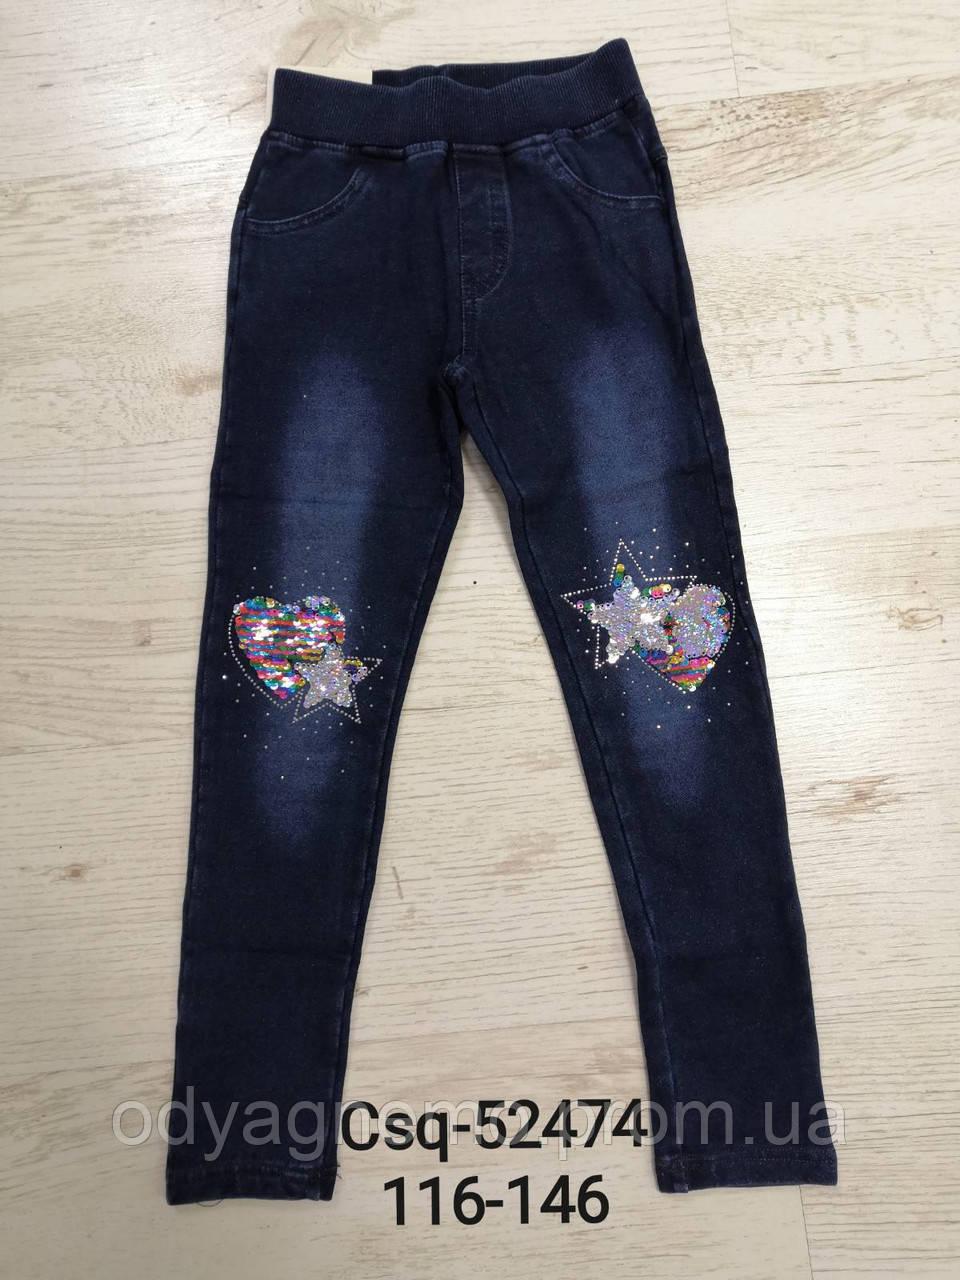 Лосини з імітацією джинси утеплені для дівчаток Seagull, 116-146 рр. Артикул: CSQ52474